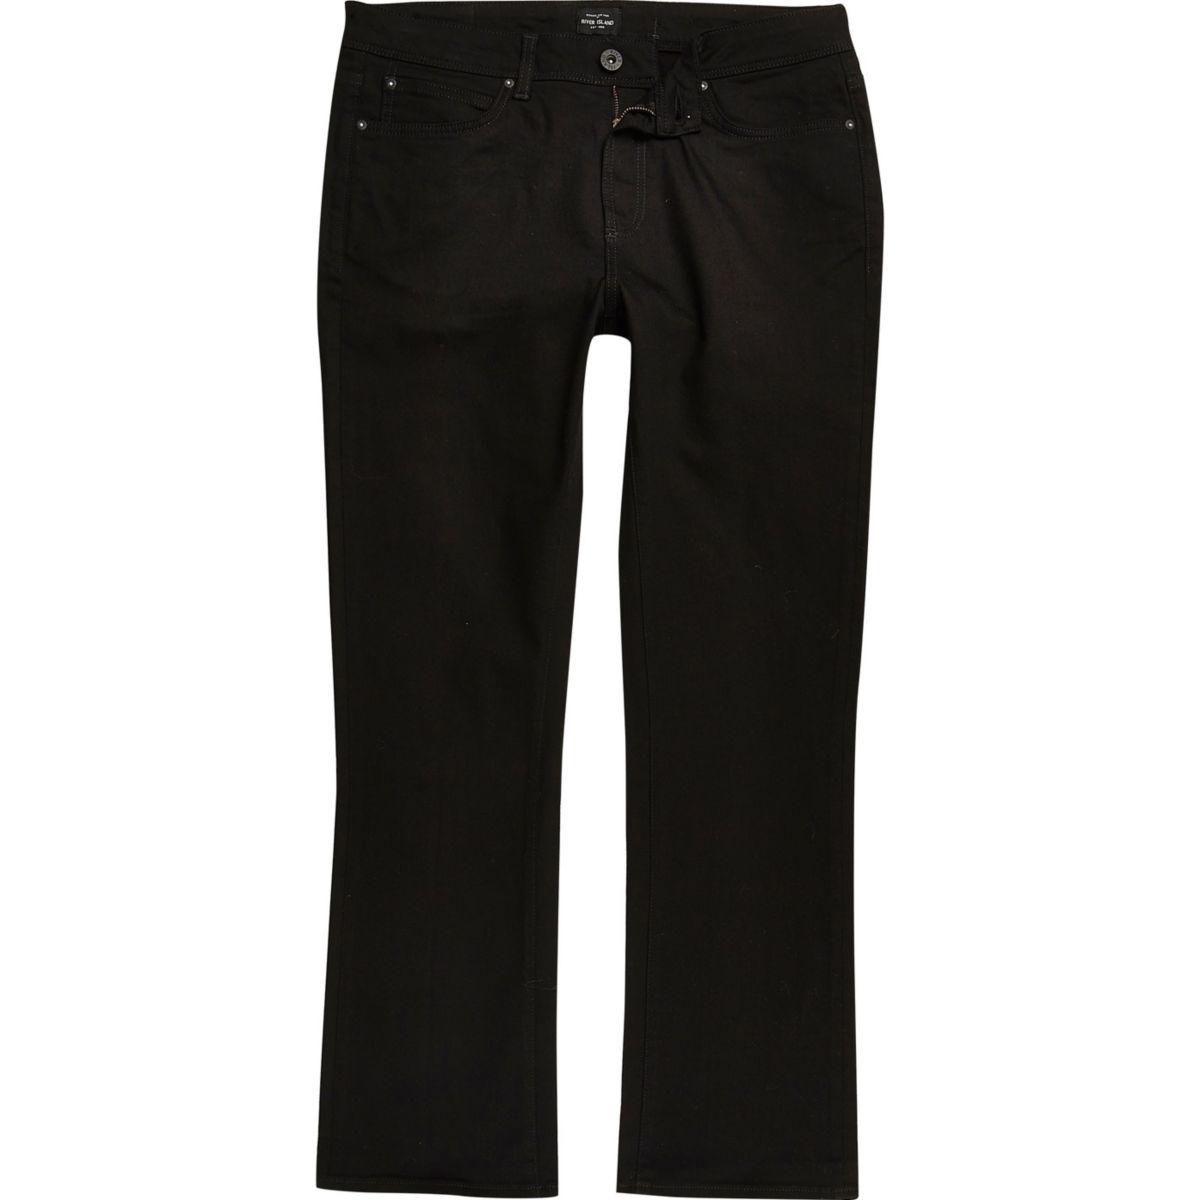 Clint – Dunkelblaue Bootcut-Jeans